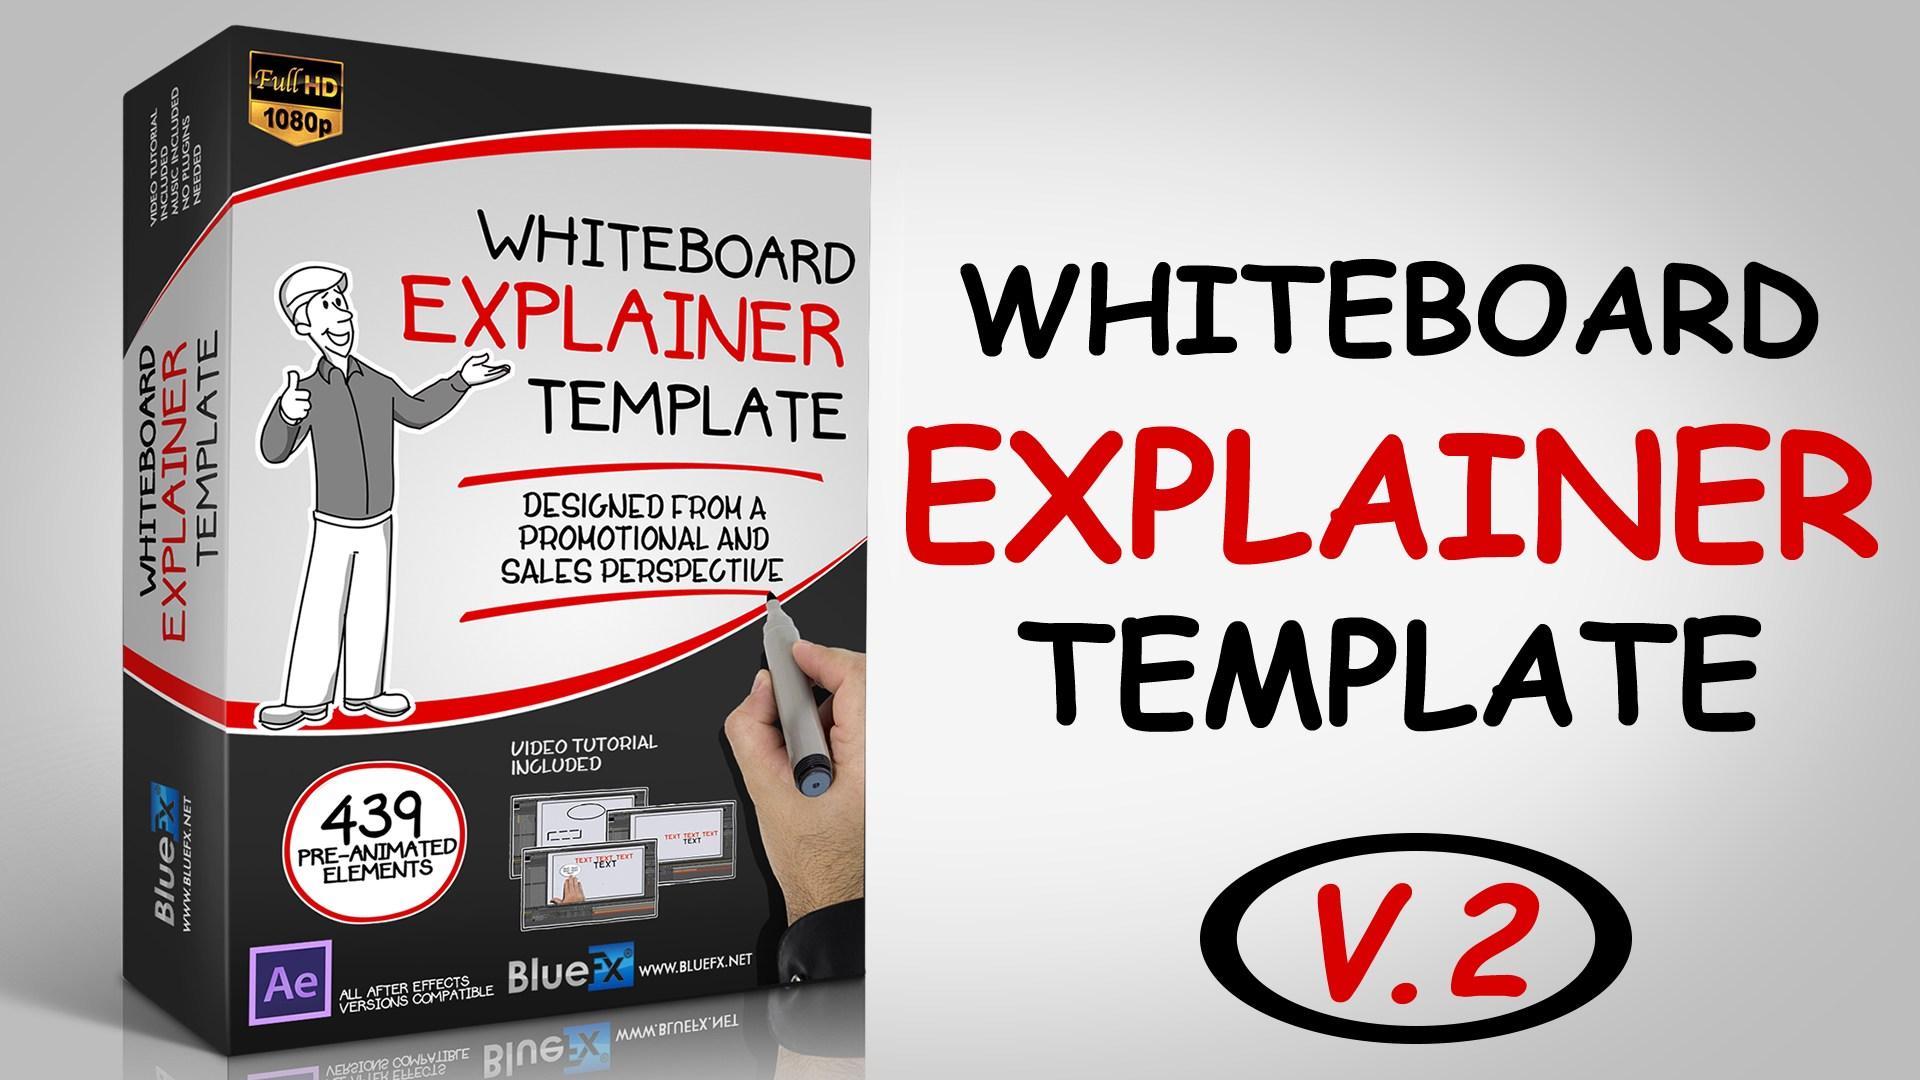 The Whiteboard Explainer – BlueFx